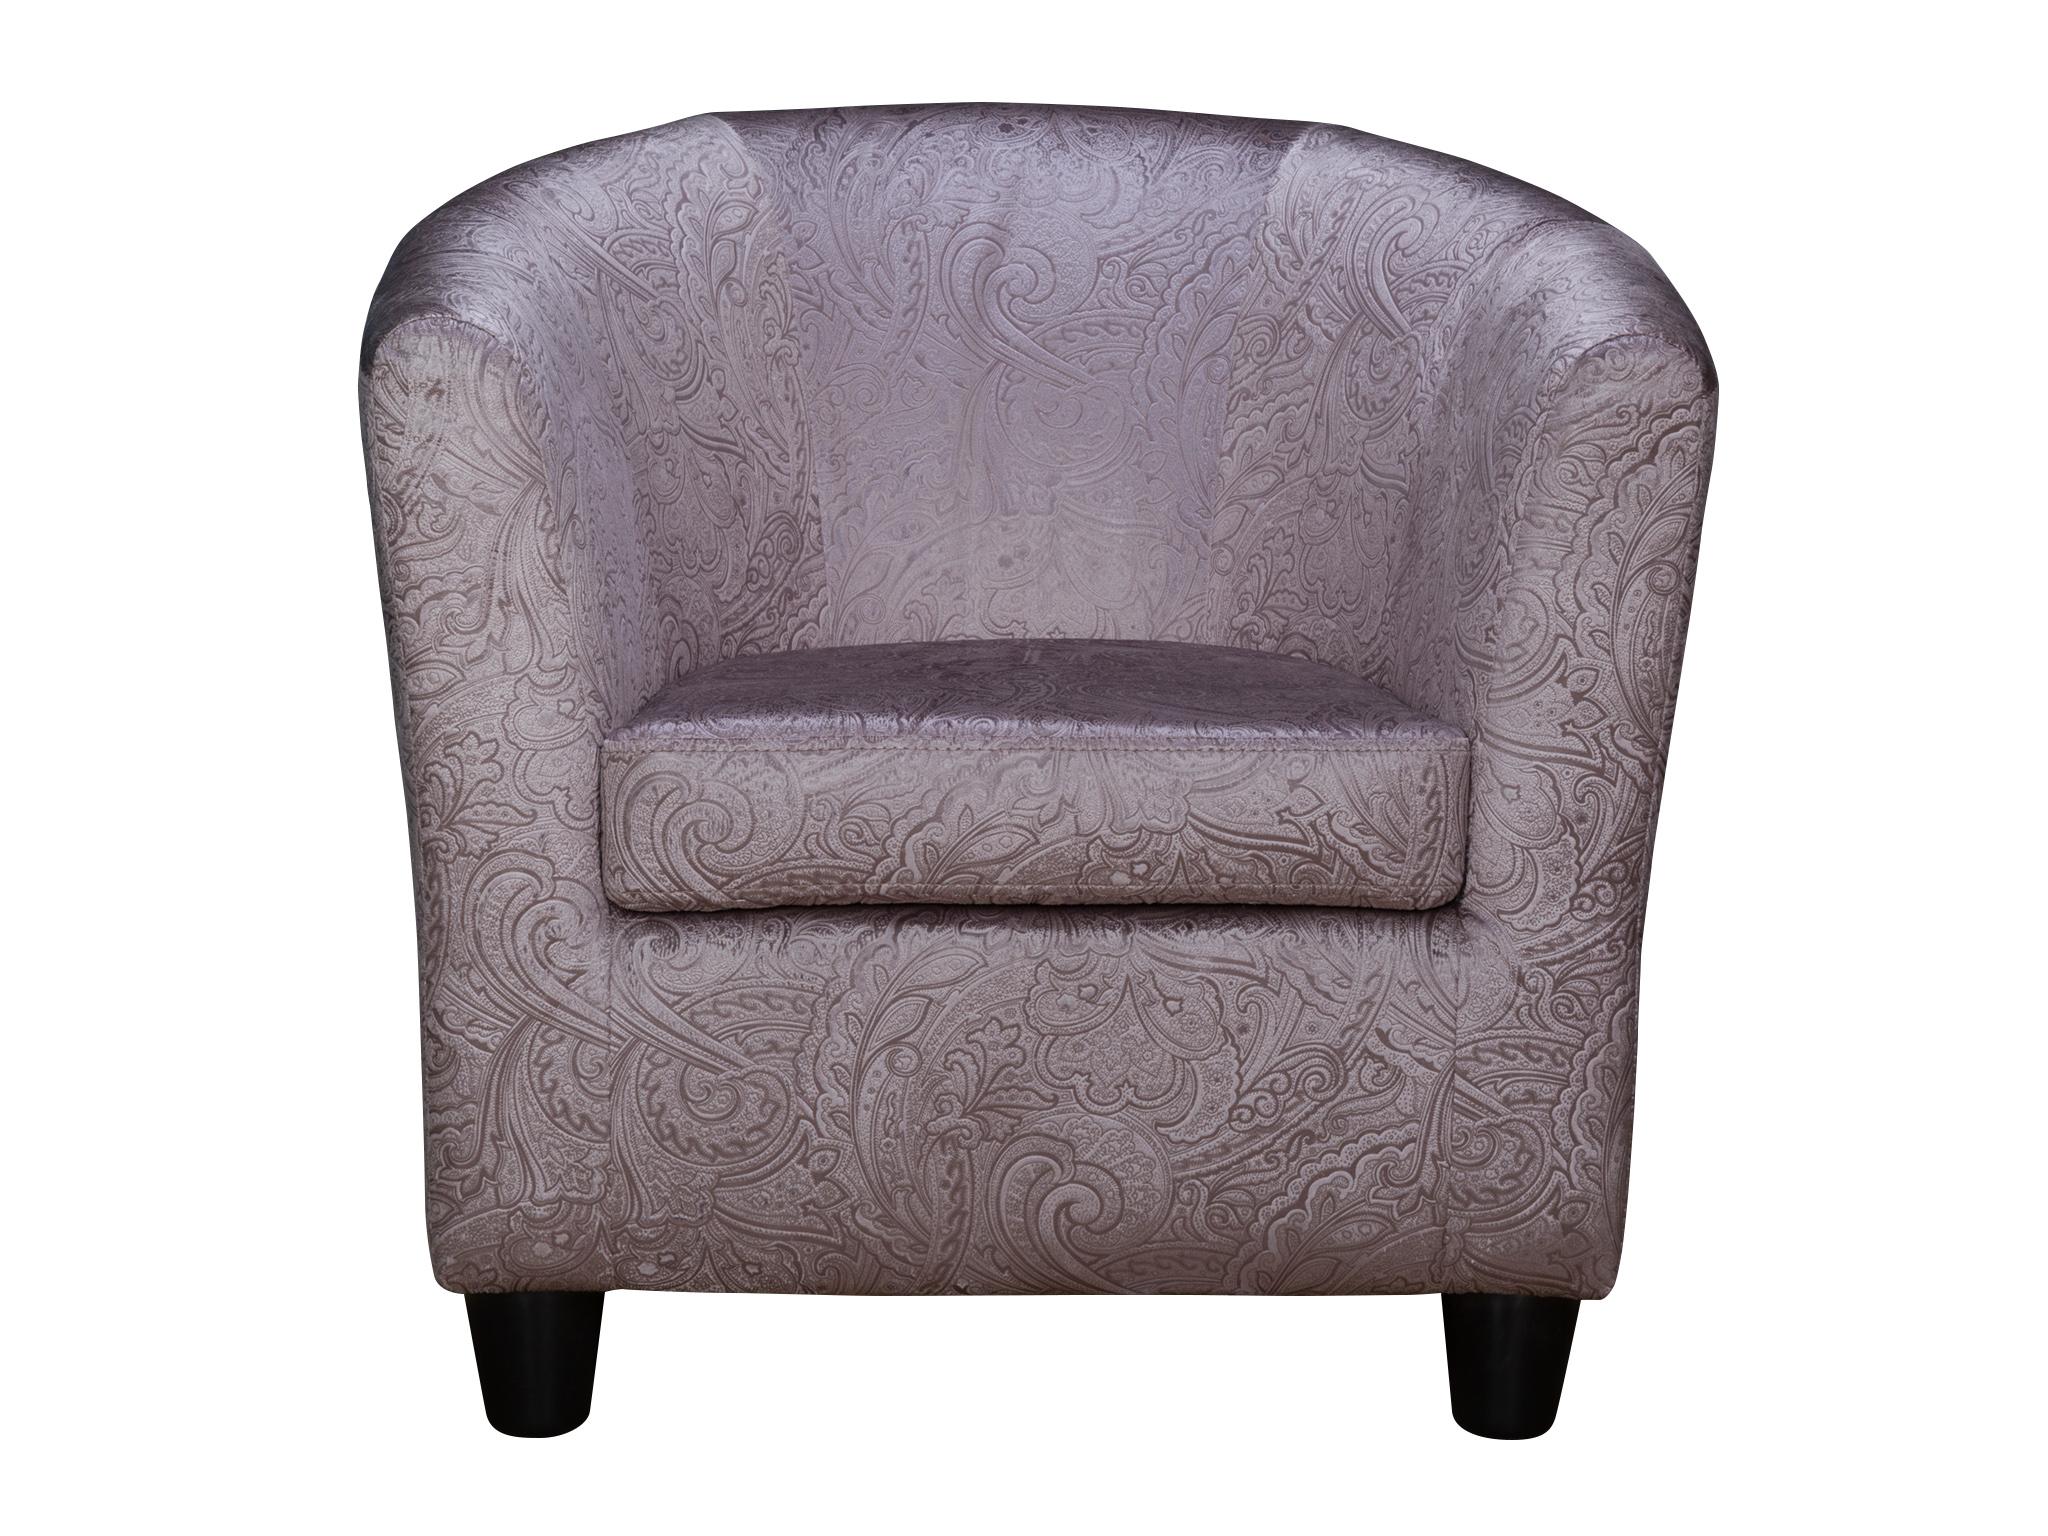 Кресло СитиИнтерьерные кресла<br>Изделие имеет прочный деревянный каркас, спроектированный с учётом эргономики. Мягкие сидение и спинка обеспечивают комфорт и удобную посадку.&amp;amp;nbsp;<br><br>Material: Велюр<br>Ширина см: 81<br>Высота см: 80<br>Глубина см: 70